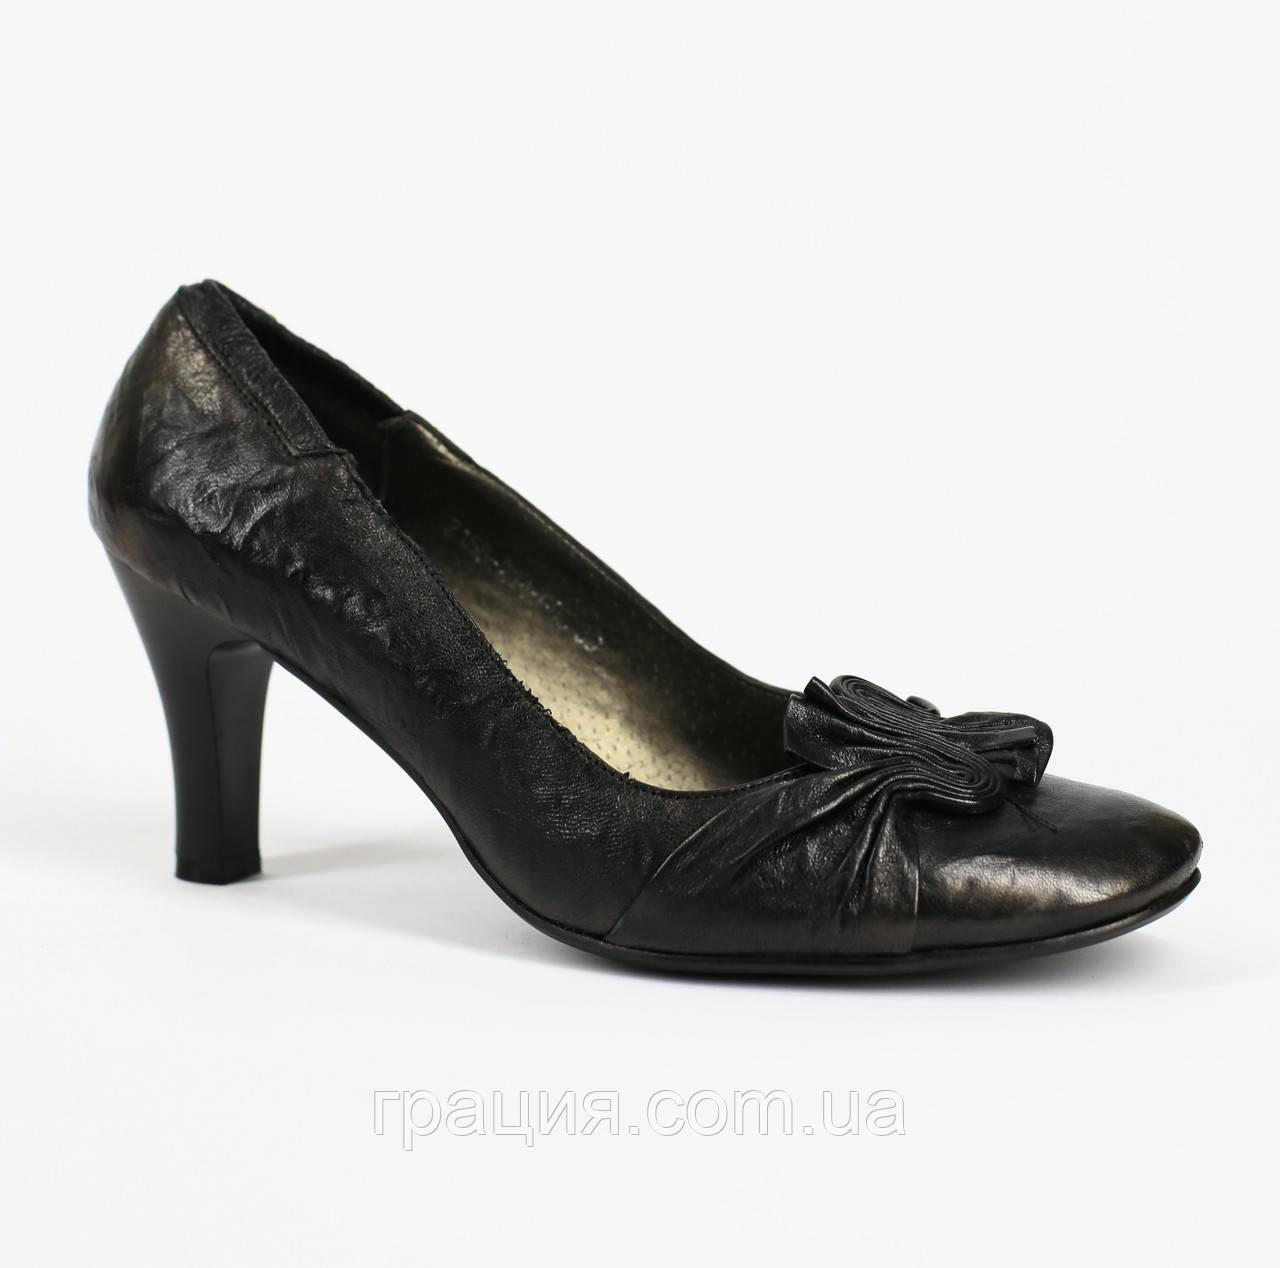 Туфли женские кожаные на не большем каблуке